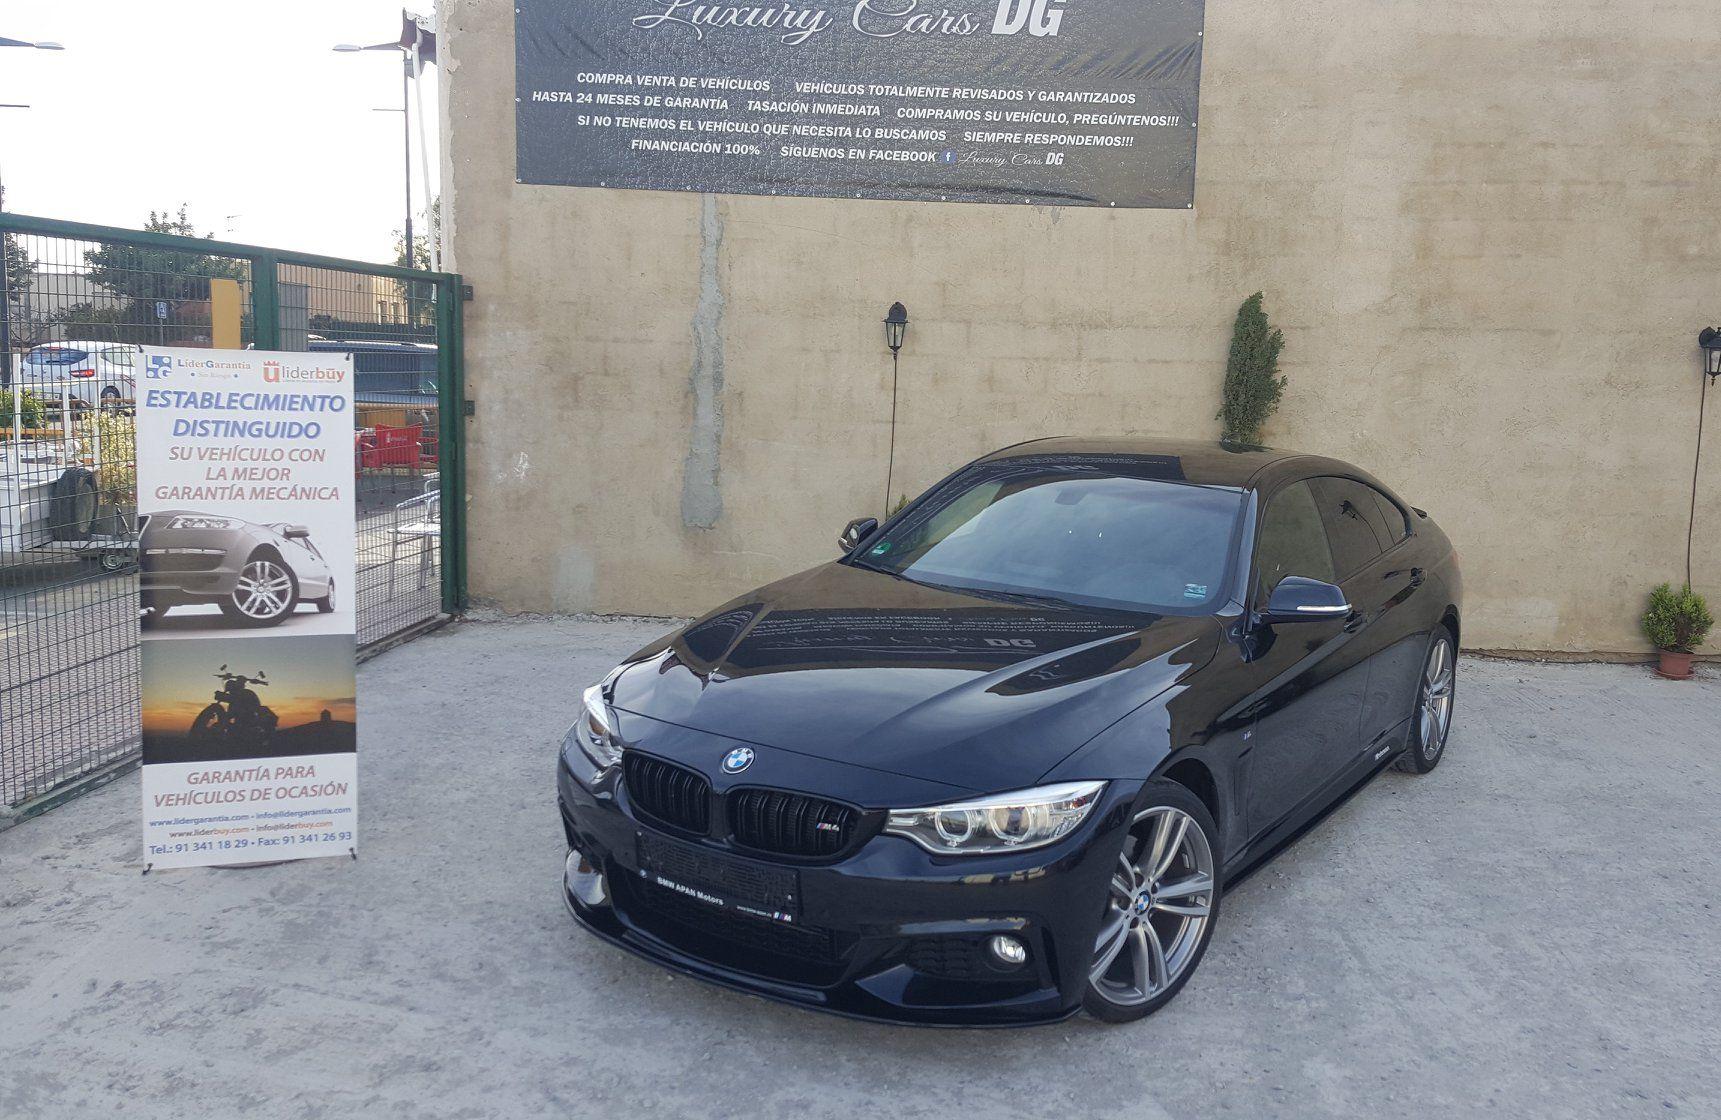 Foto 20 de Compraventa de automóviles en Vera | Luxury Cars DG